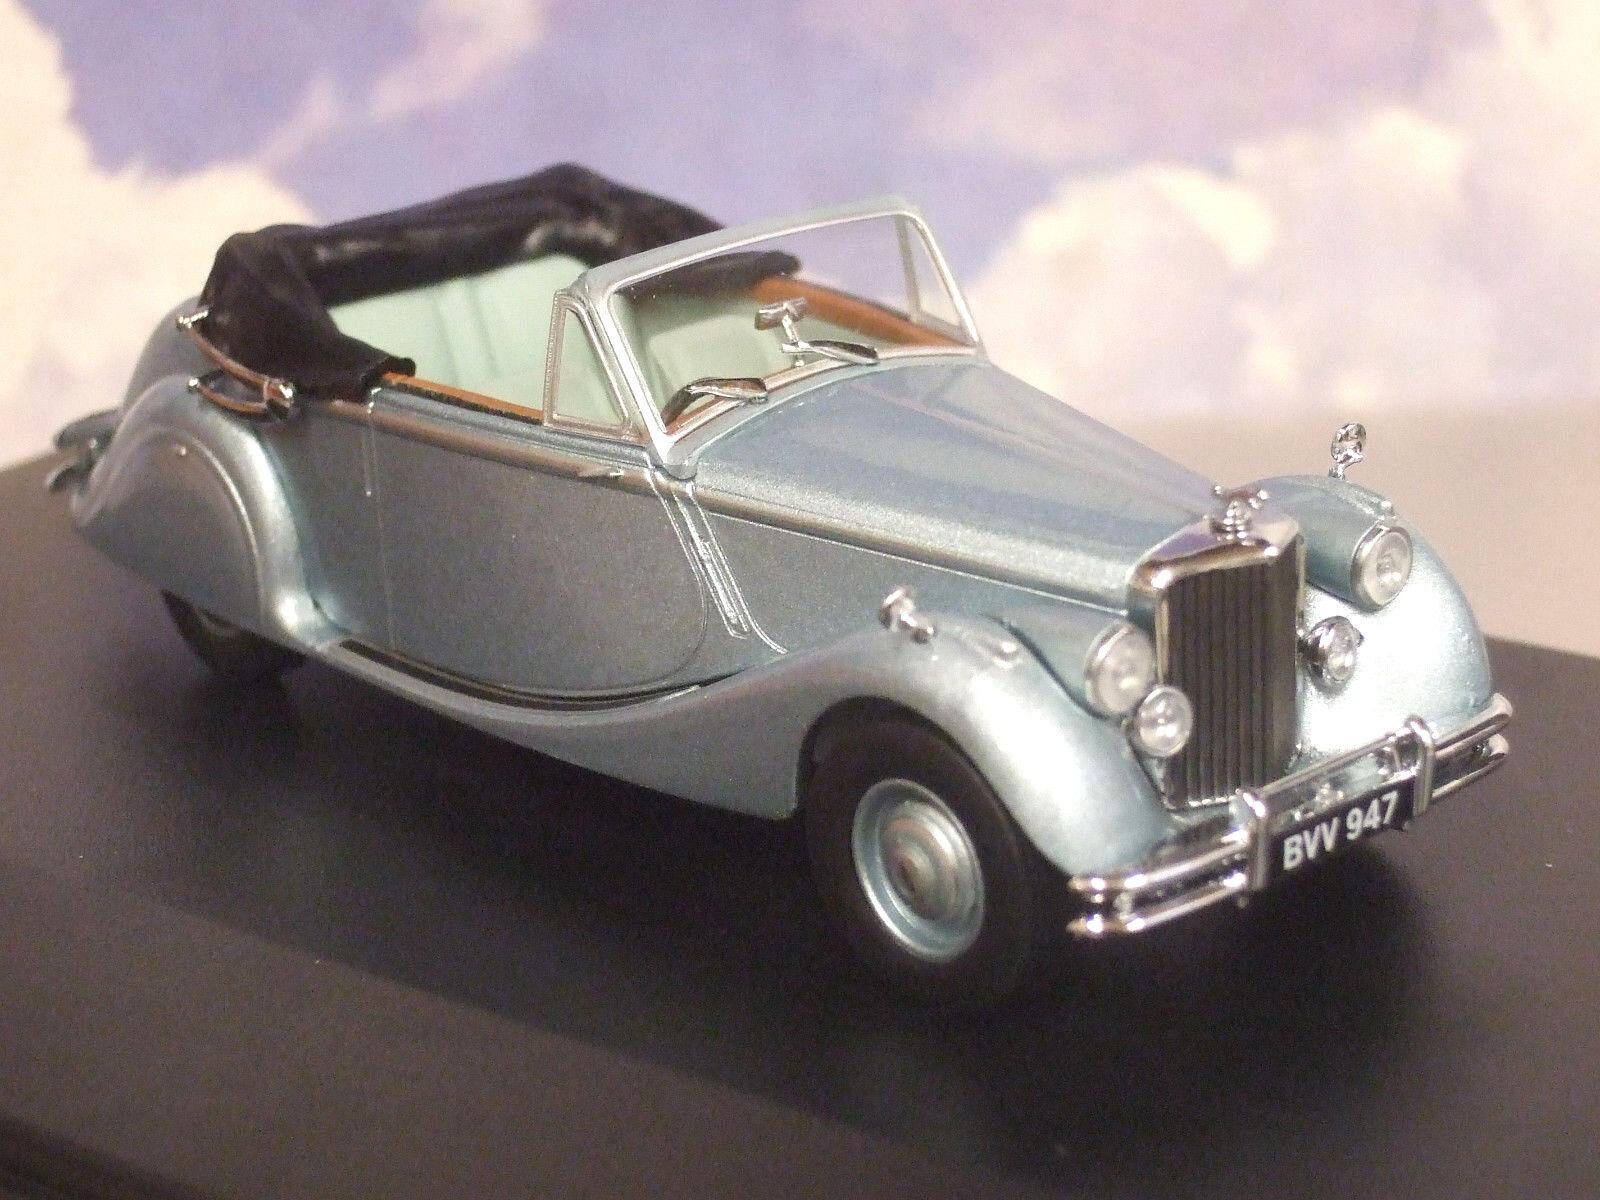 Oxford 1 43 1948-1951 Jaguar Mkv Mk5 Ouvert Dhc Opalescent Argent Bleu 43jag5001